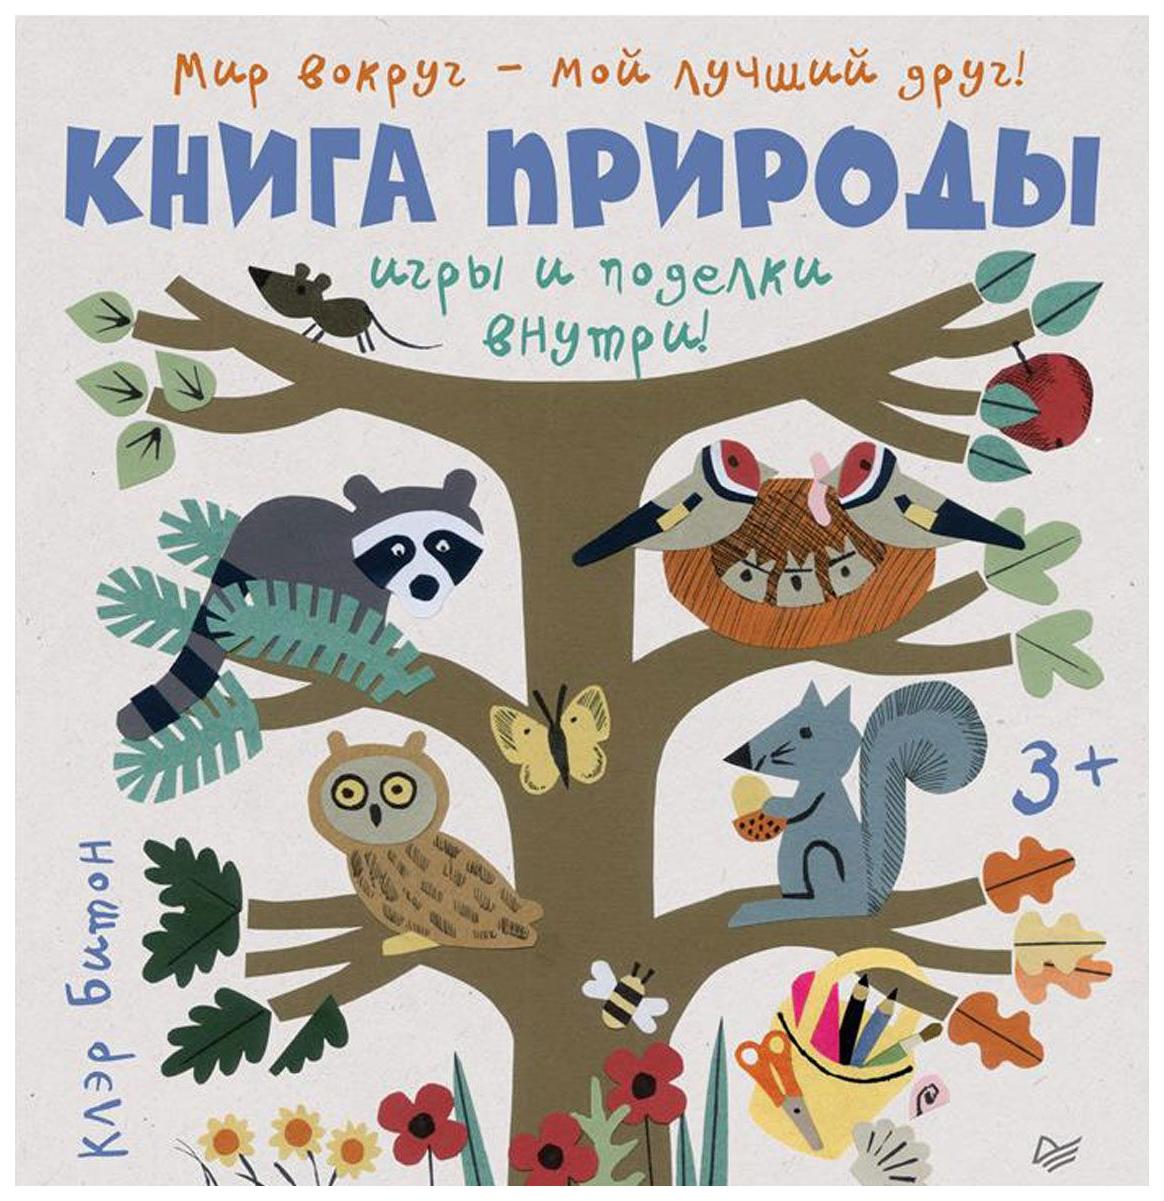 Книга питер Битон клэр книга природы. Мир Вокруг - Мой лучший Друг!